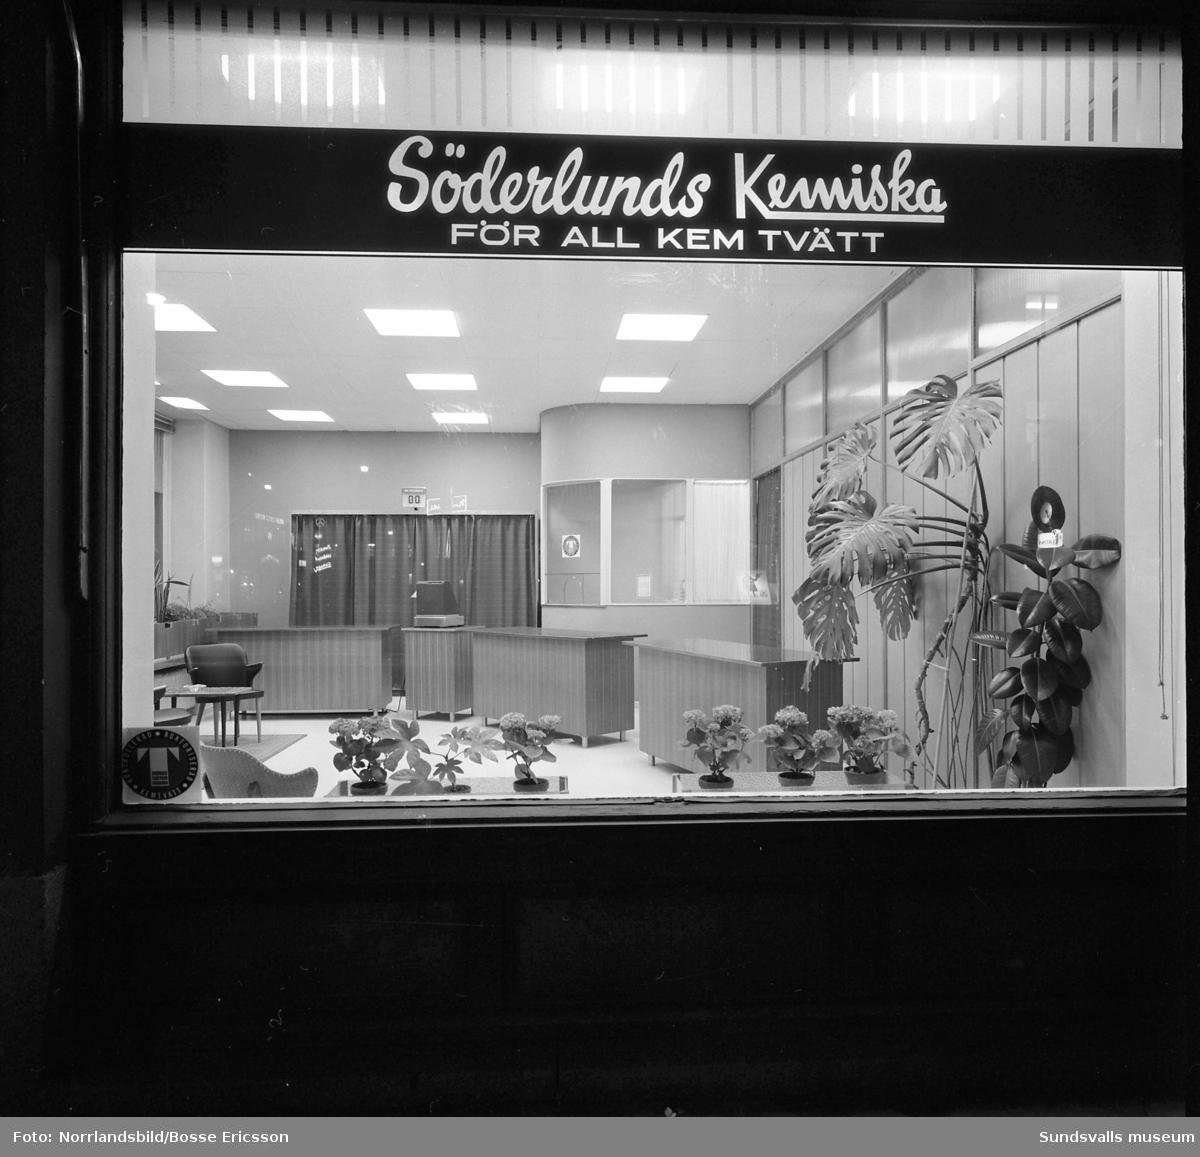 Söderlunds Kemiska. Exteriörbild samt skyltfönster på kemtvätten vid Köpmangatan 12.